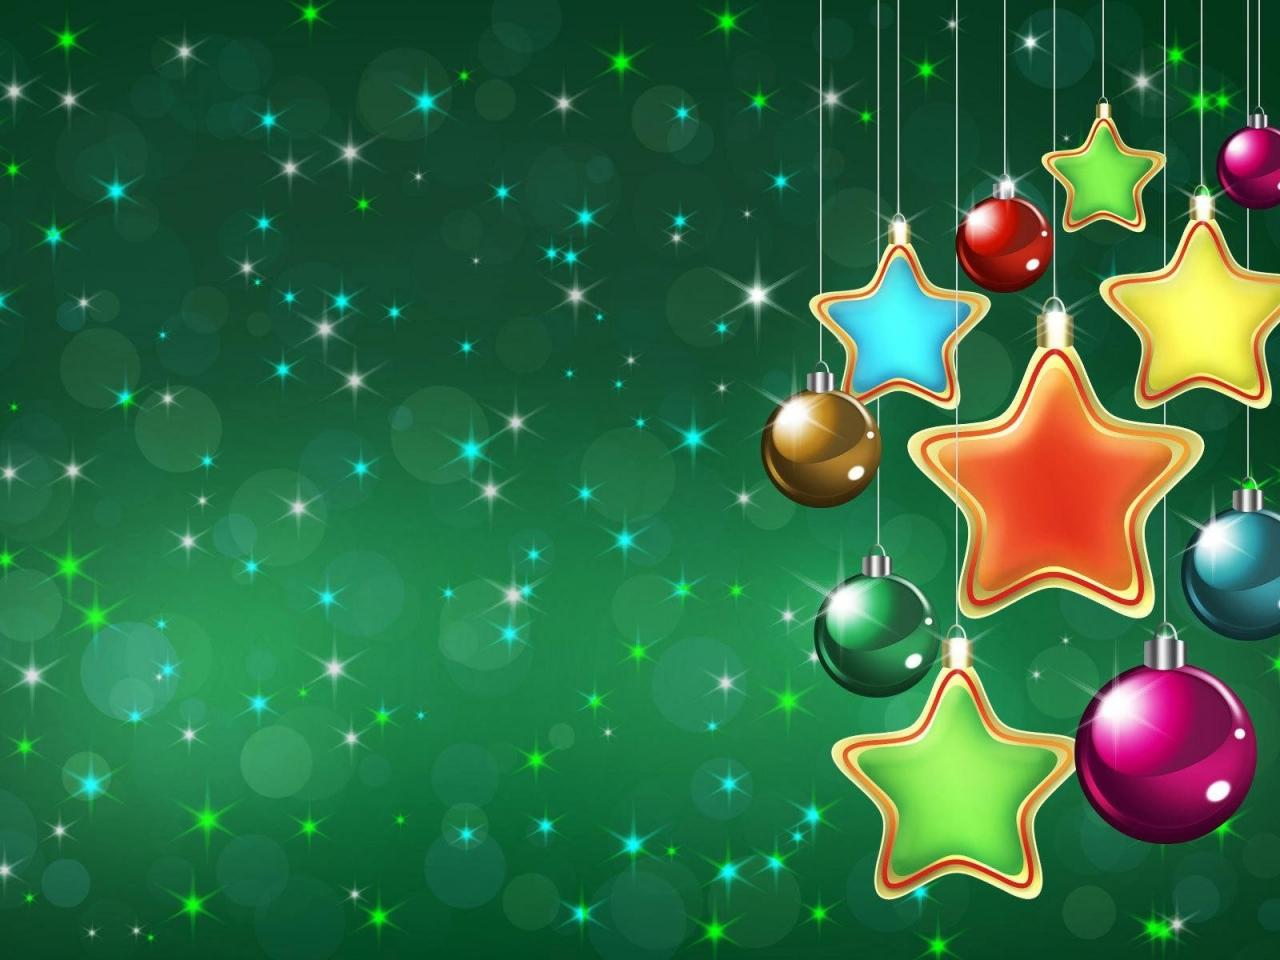 Fondo verde navidad - 1280x960